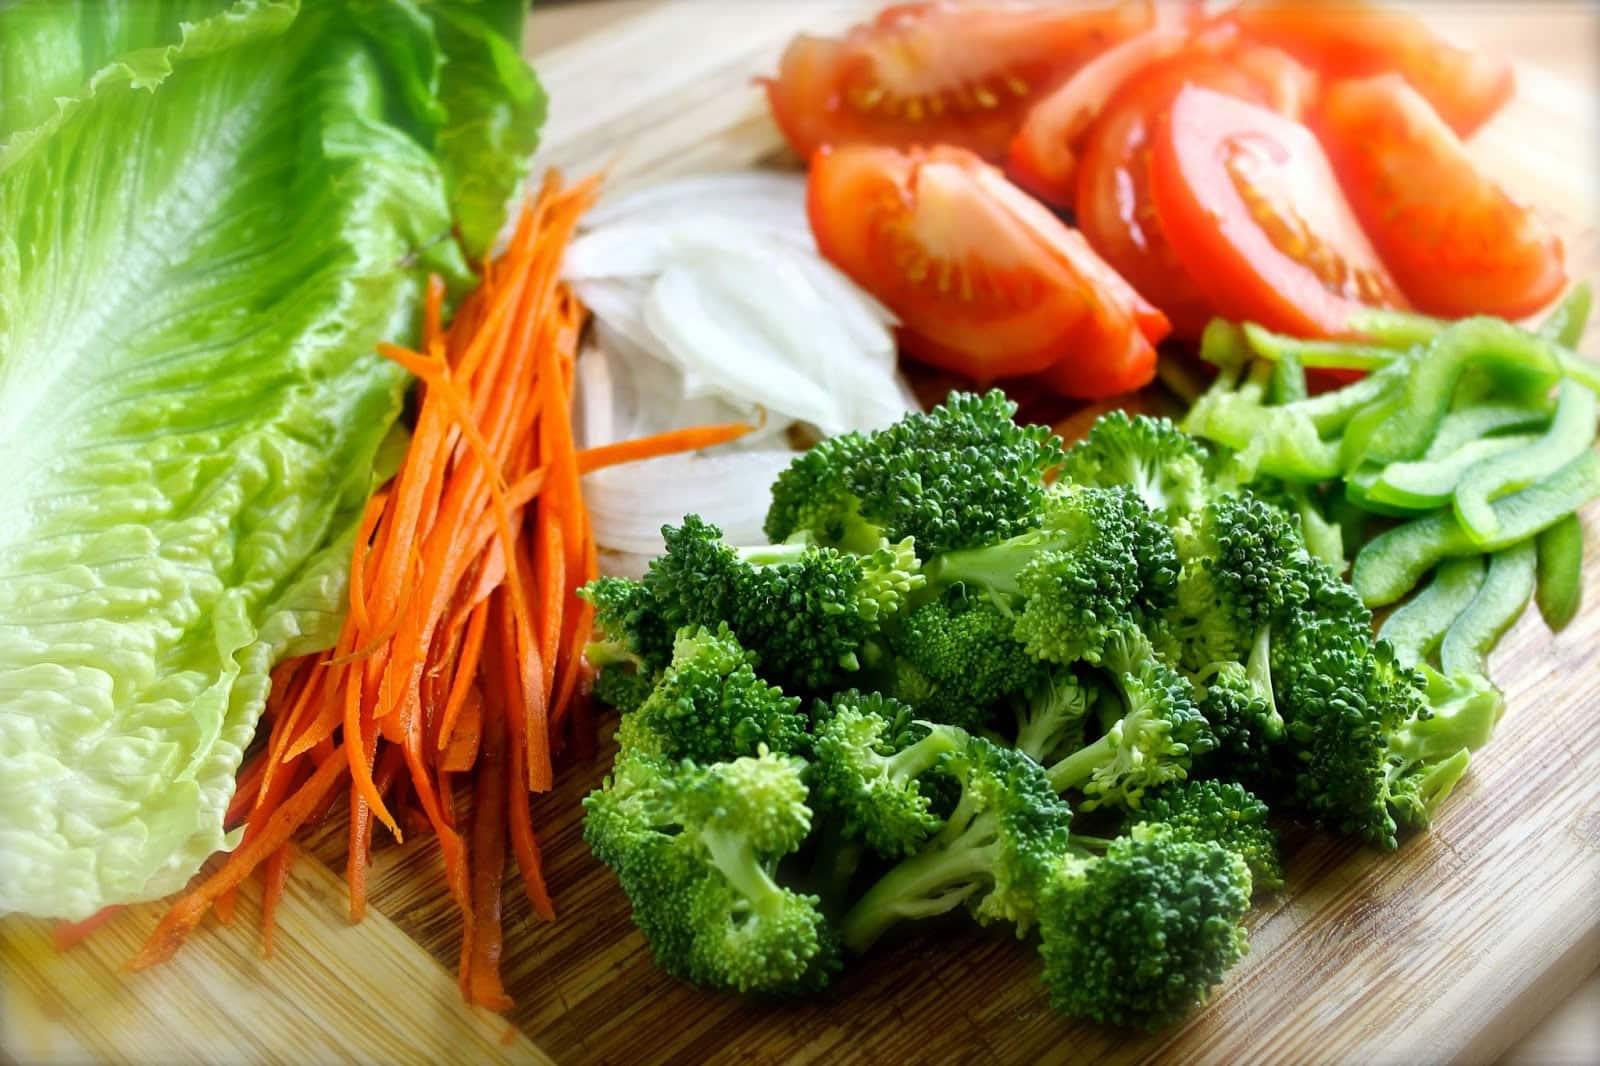 Peligro de los alimentos procesados: Brocoli ayuda a evitar tumores cancerígenos.